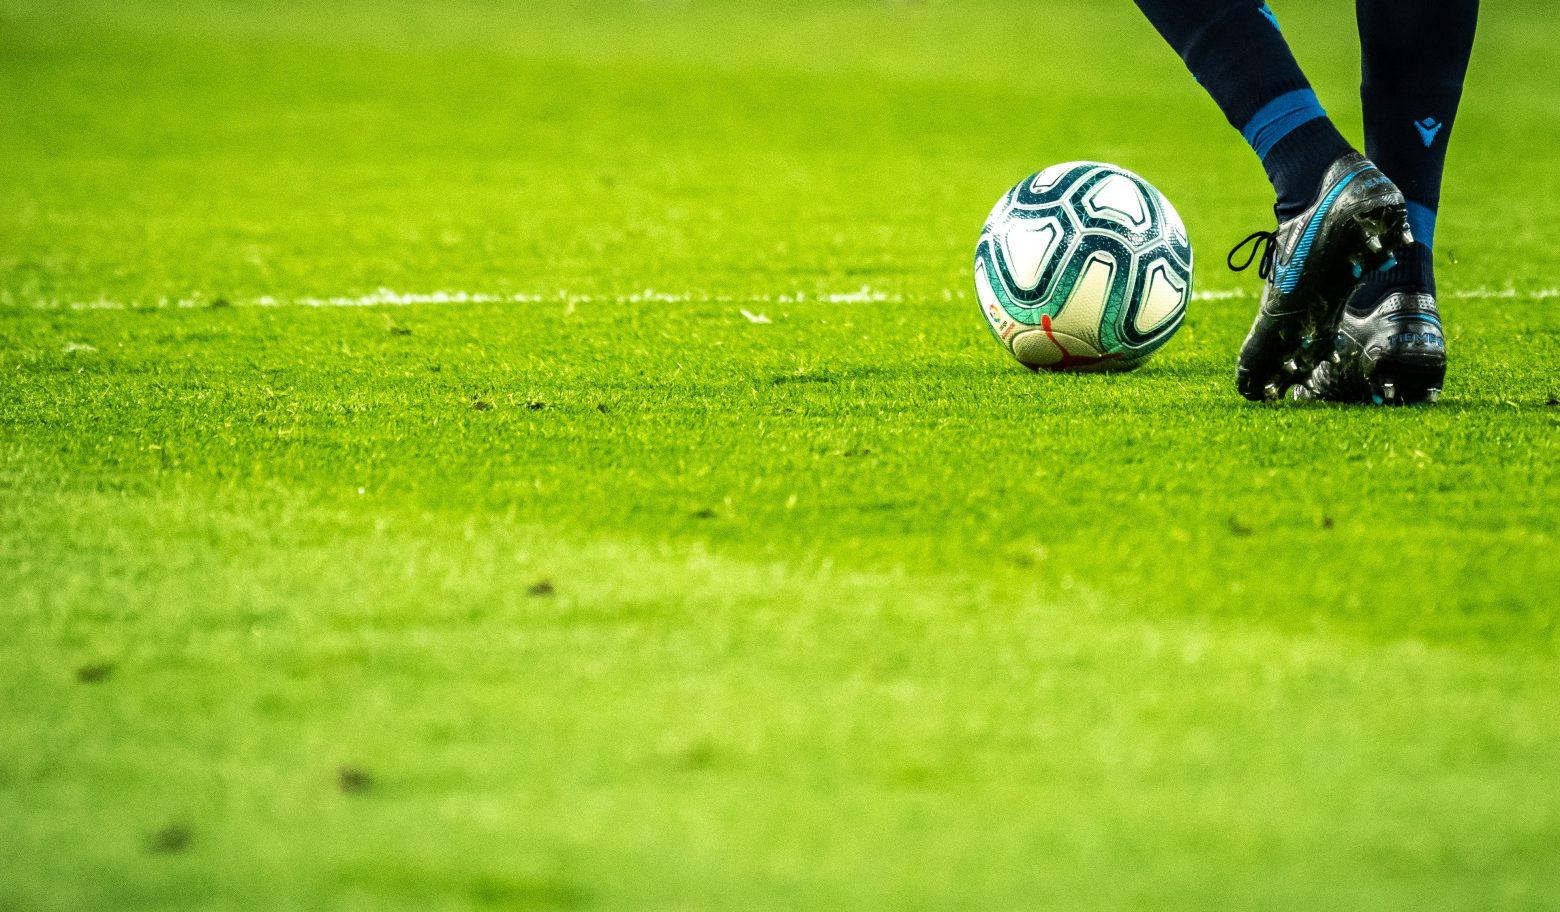 Διάσημος ποδοσφαιριστής πιάστηκε «στα πράσα» με άλλη γυναίκα – και ανακοίνωσε τον χωρισμό του